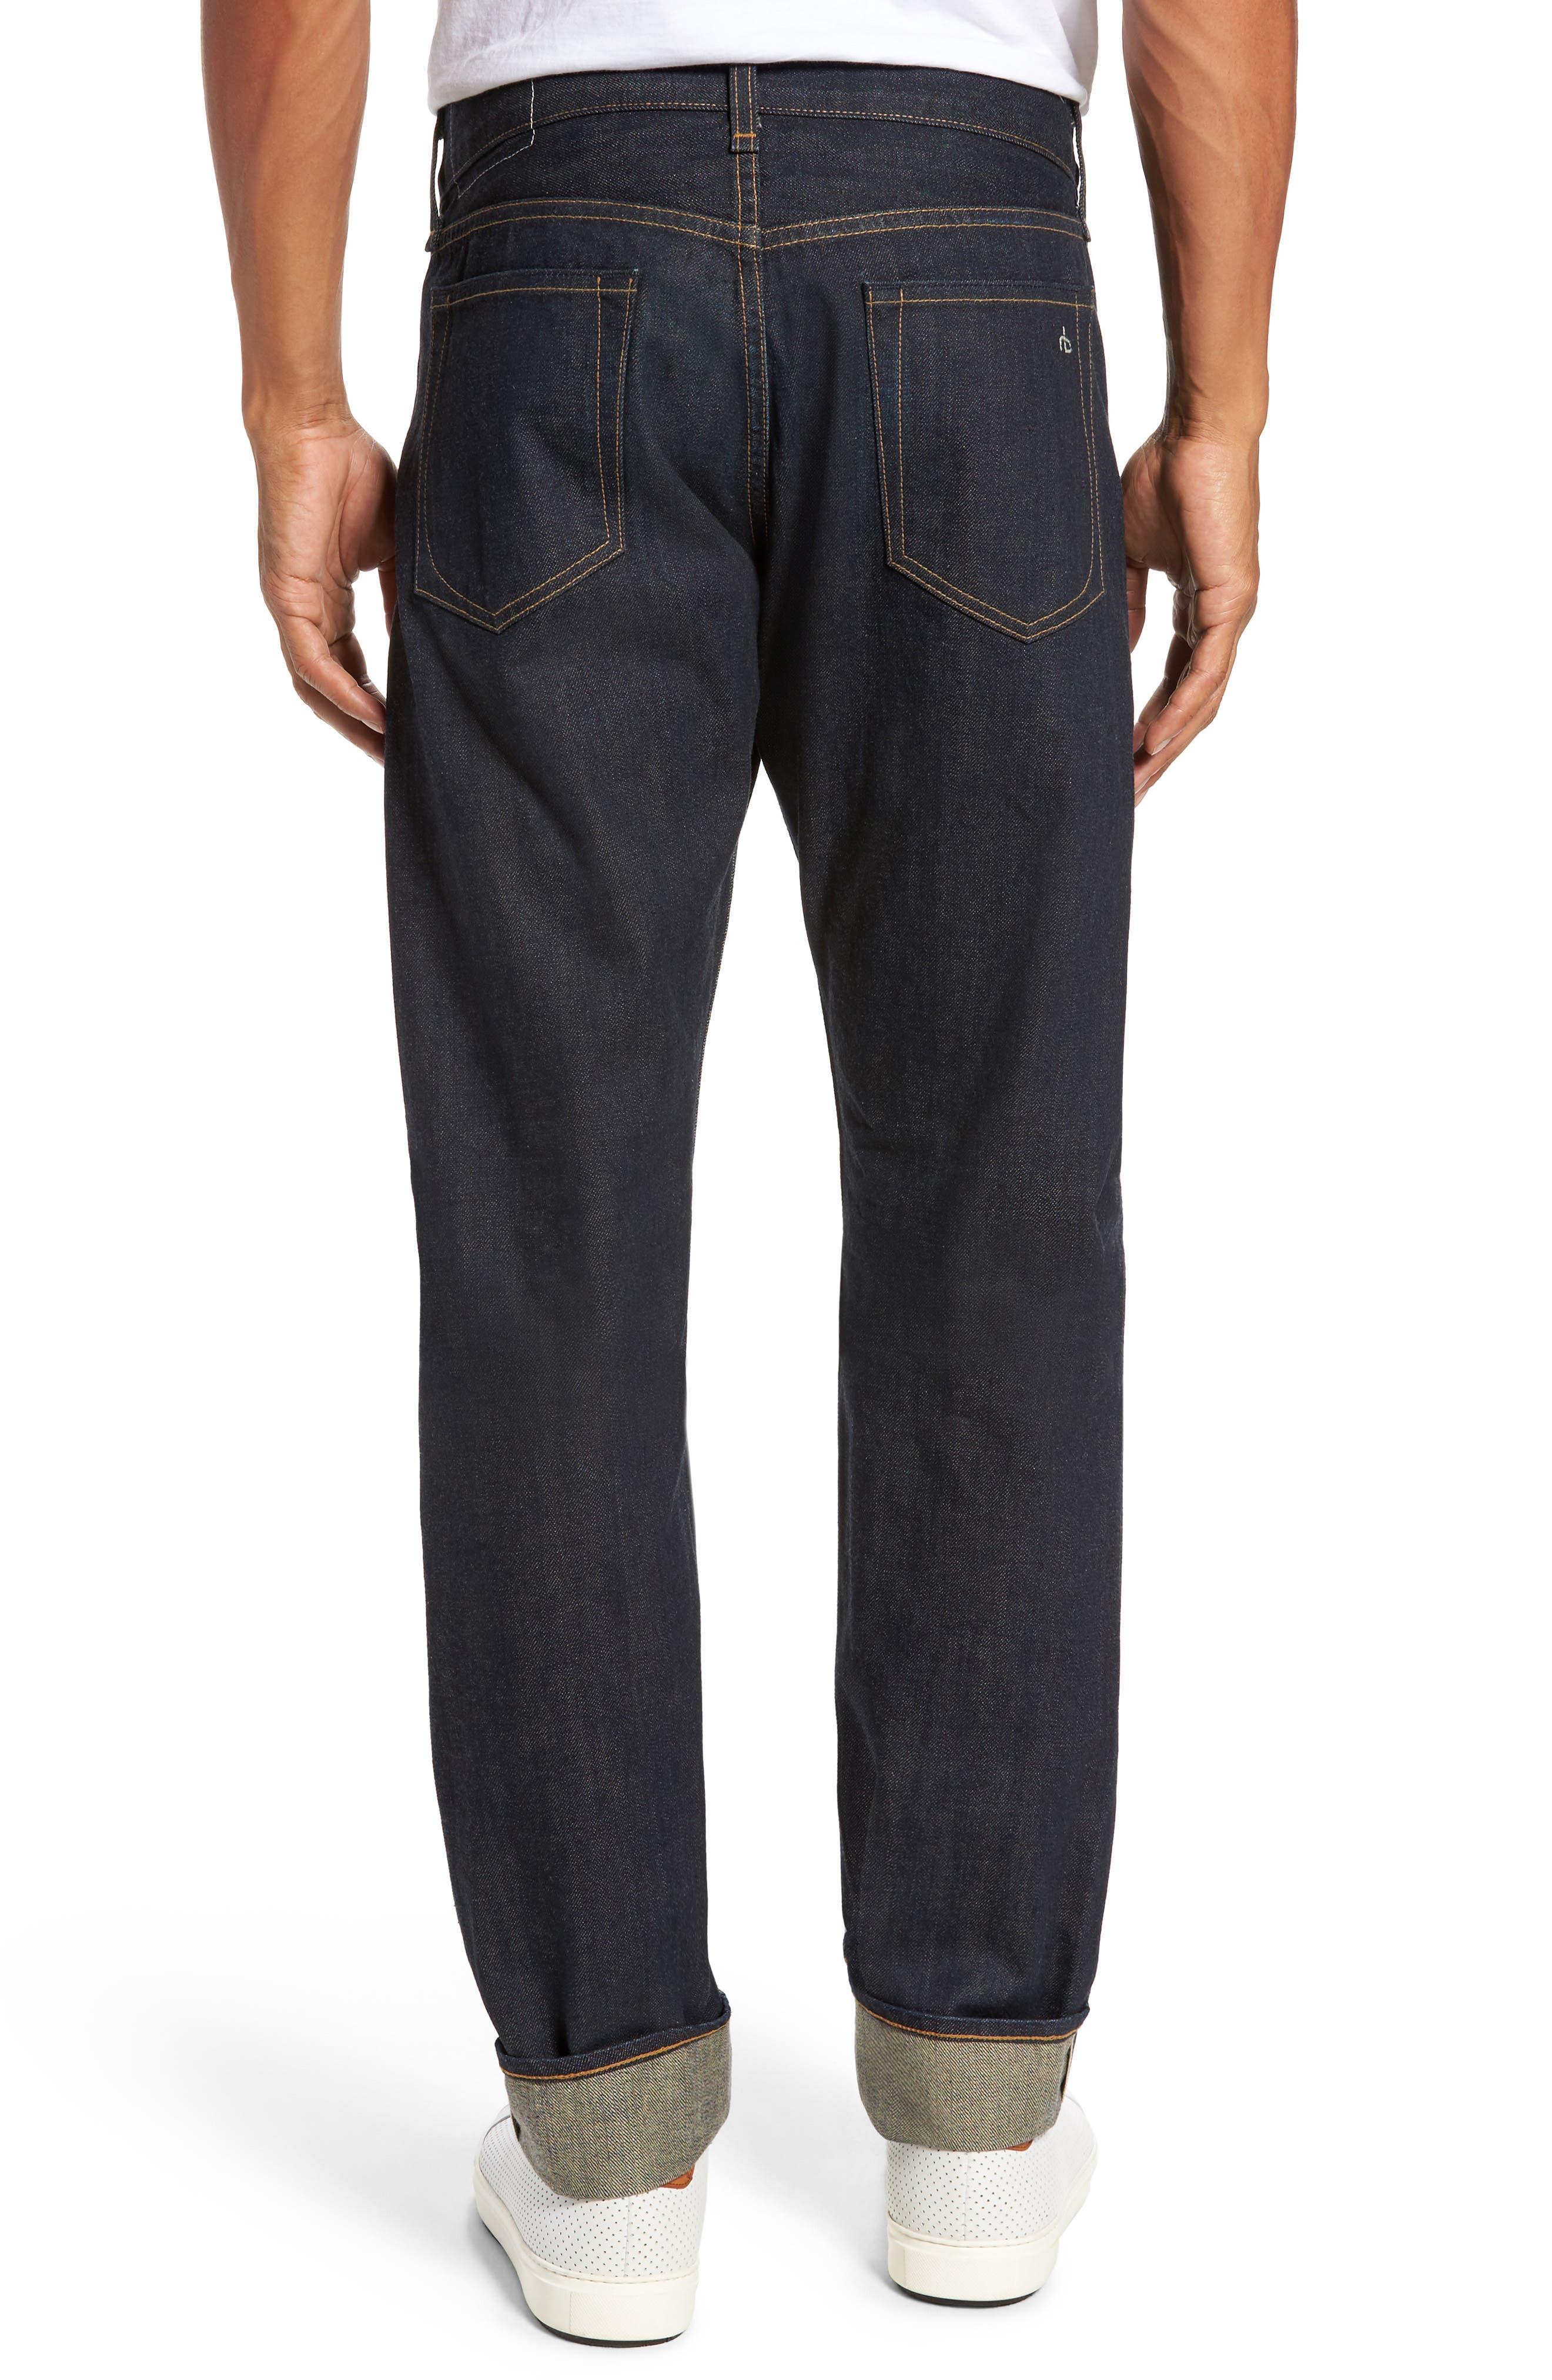 Fit 2 Slim Fit Jeans,                             Alternate thumbnail 2, color,                             452